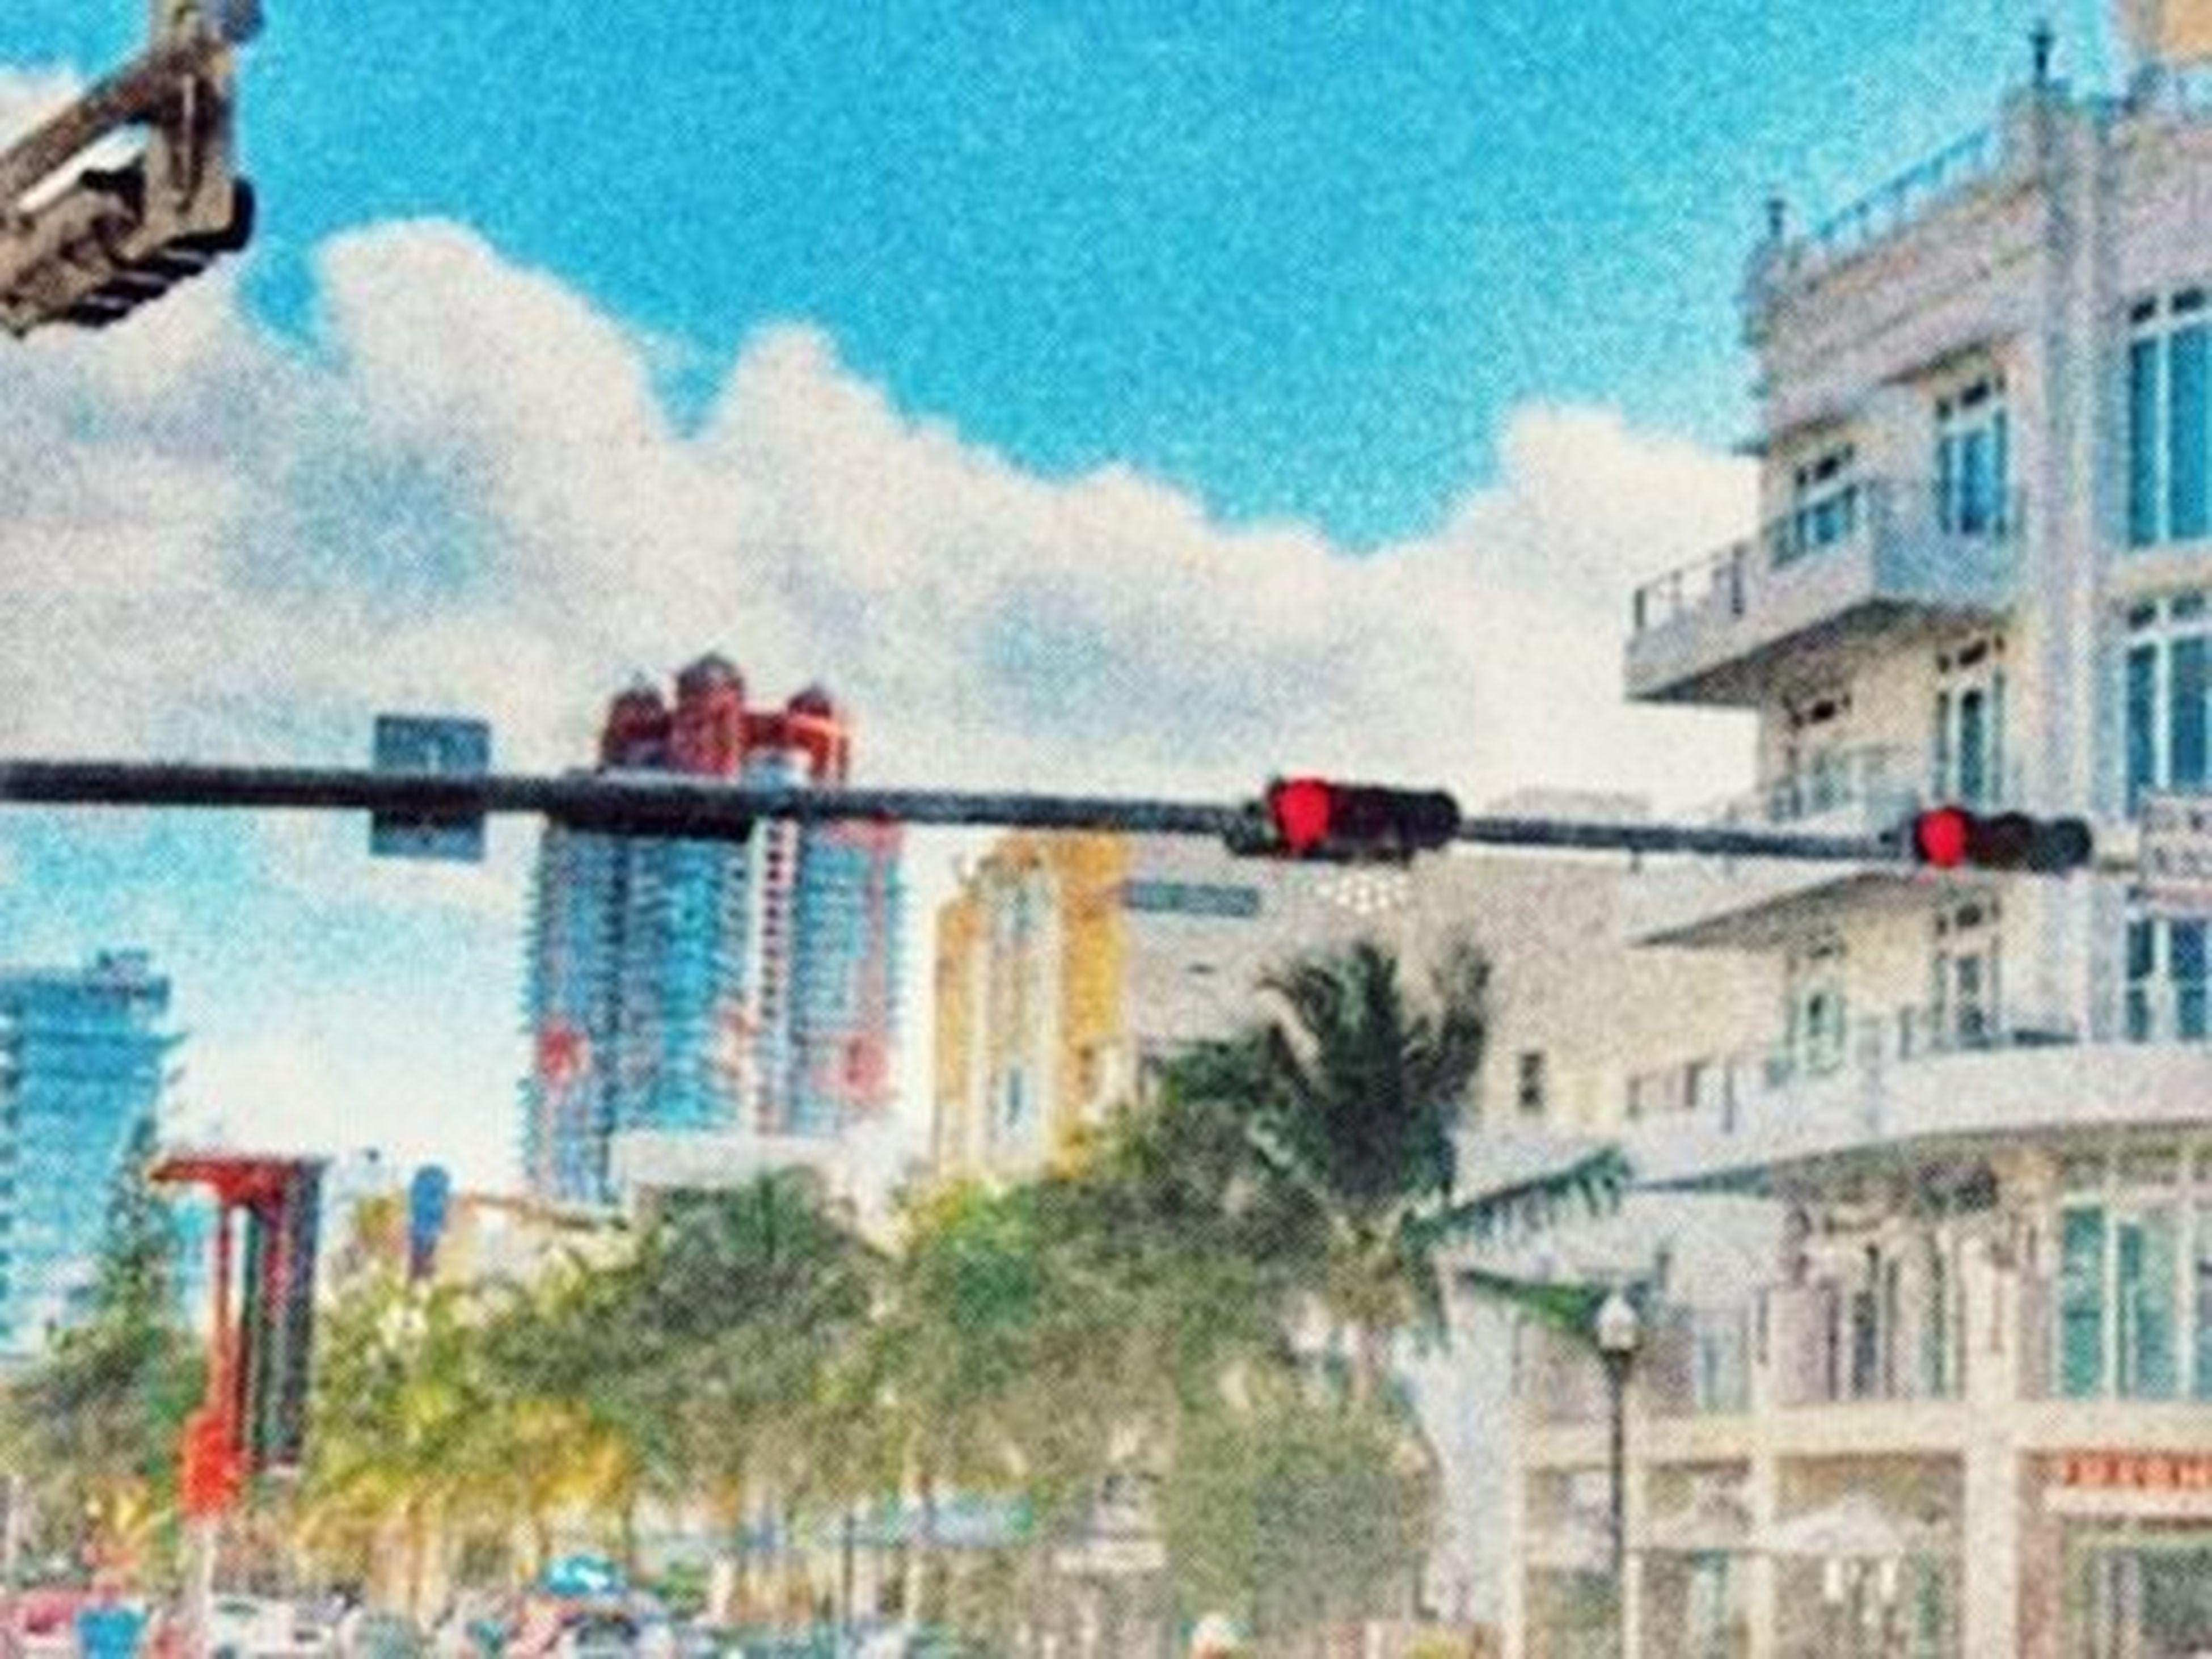 Looking for Revenge Summer Sixteen Summersixteen Oceandrive Beach Miami Soon Workforthat Focus on your Goals